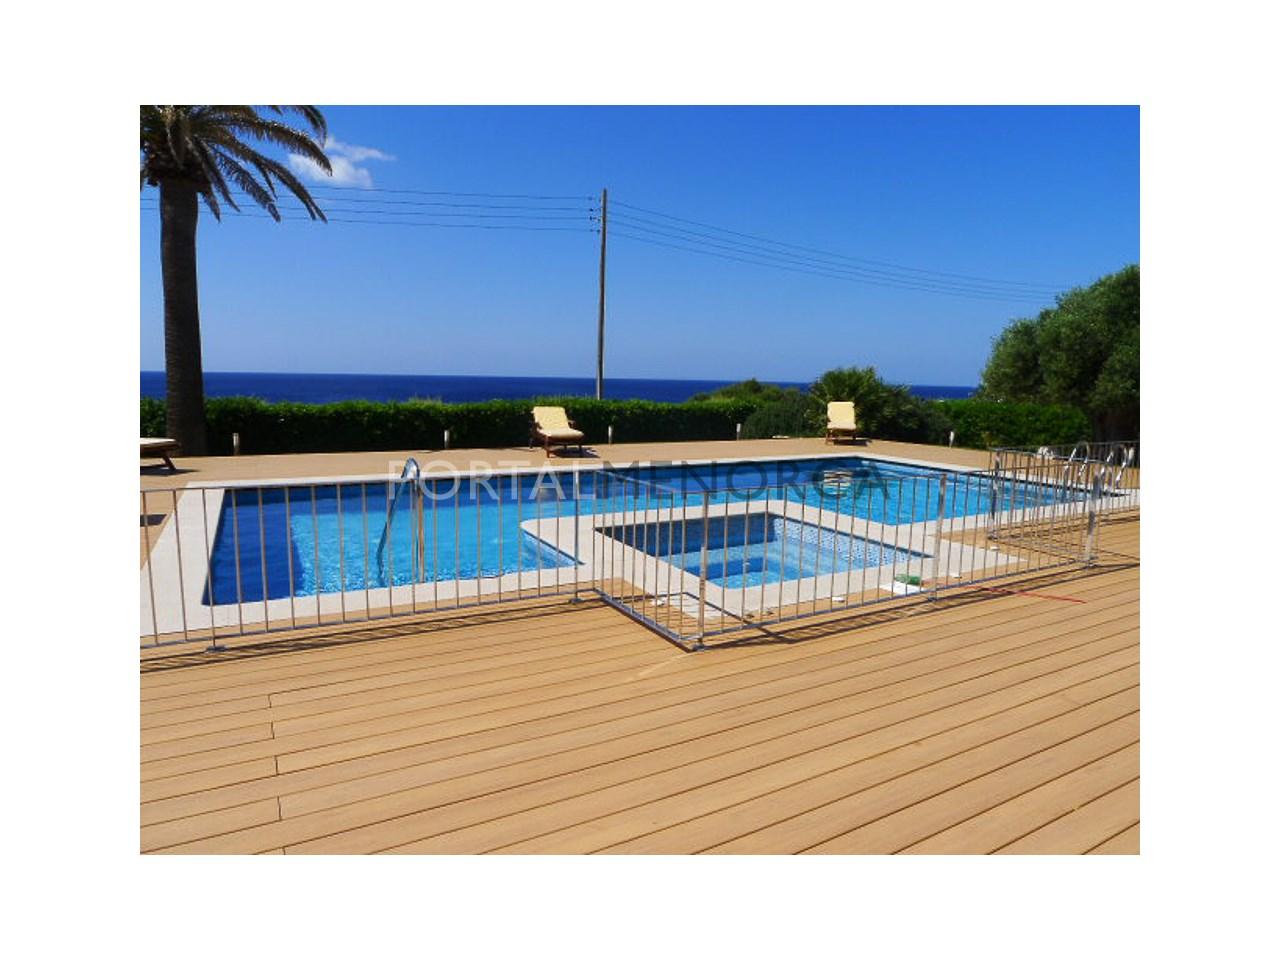 piscina con terraza